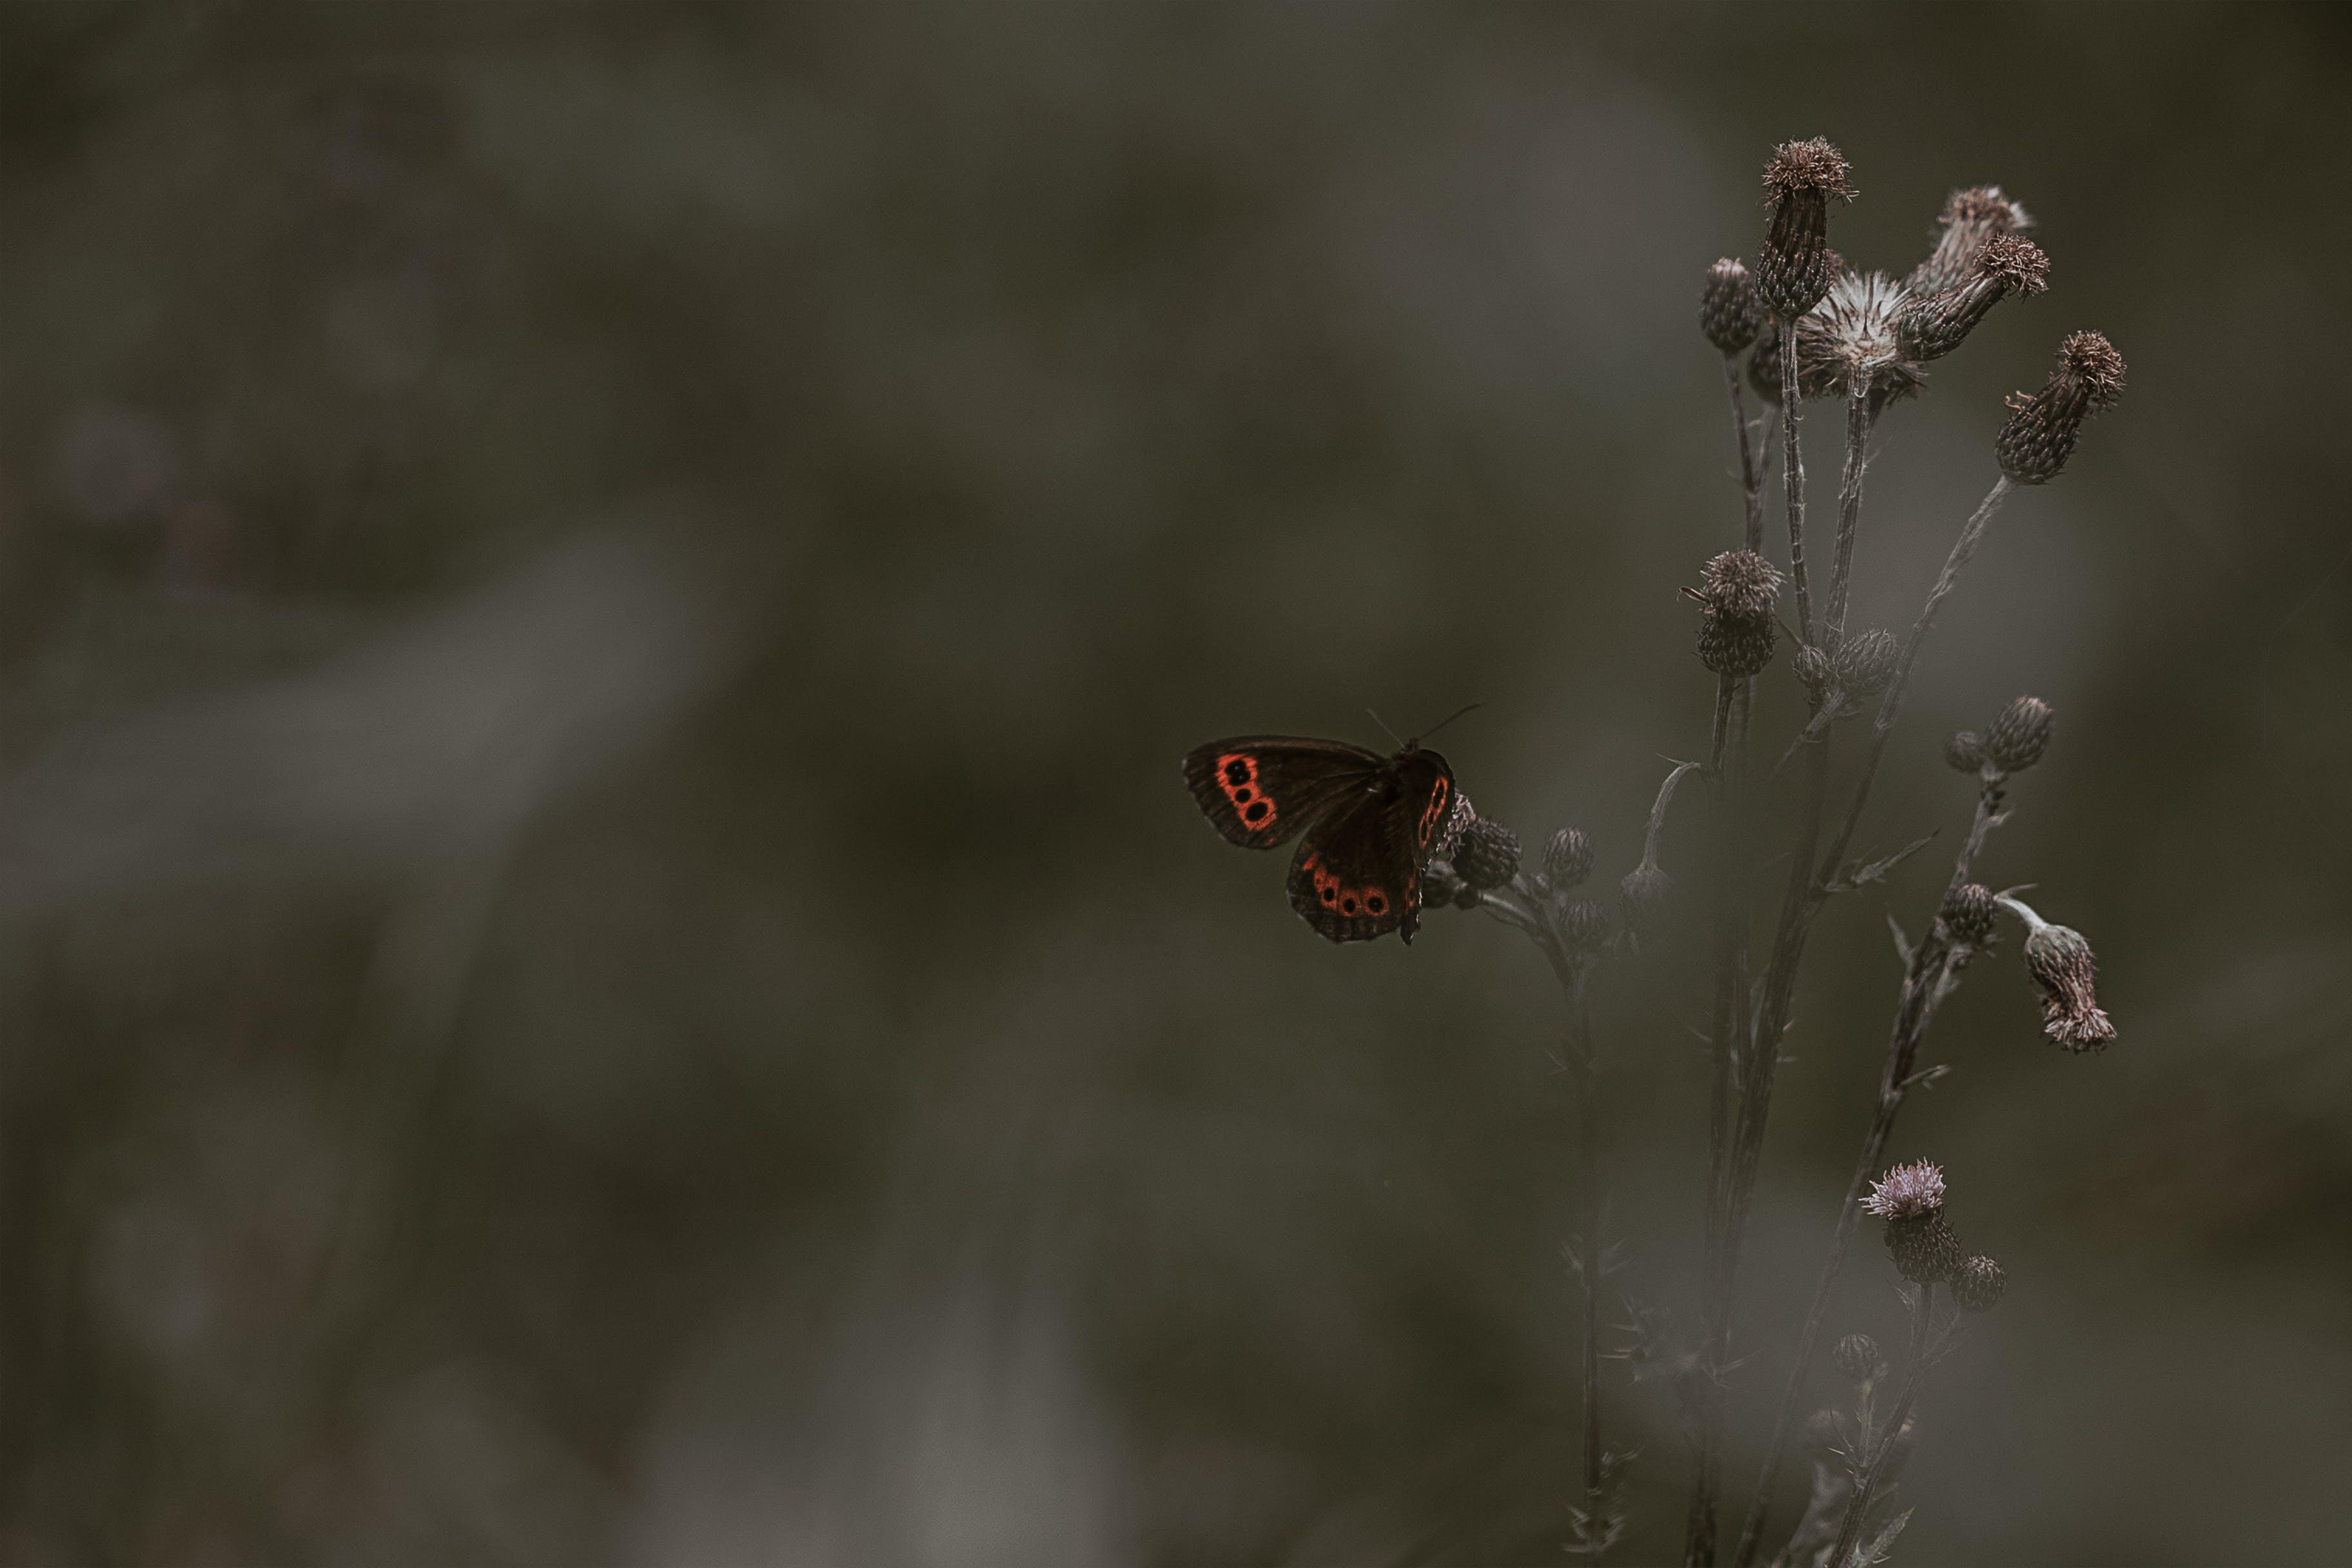 açık, Bahçe, bitki örtüsü, böcek içeren Ücretsiz stok fotoğraf